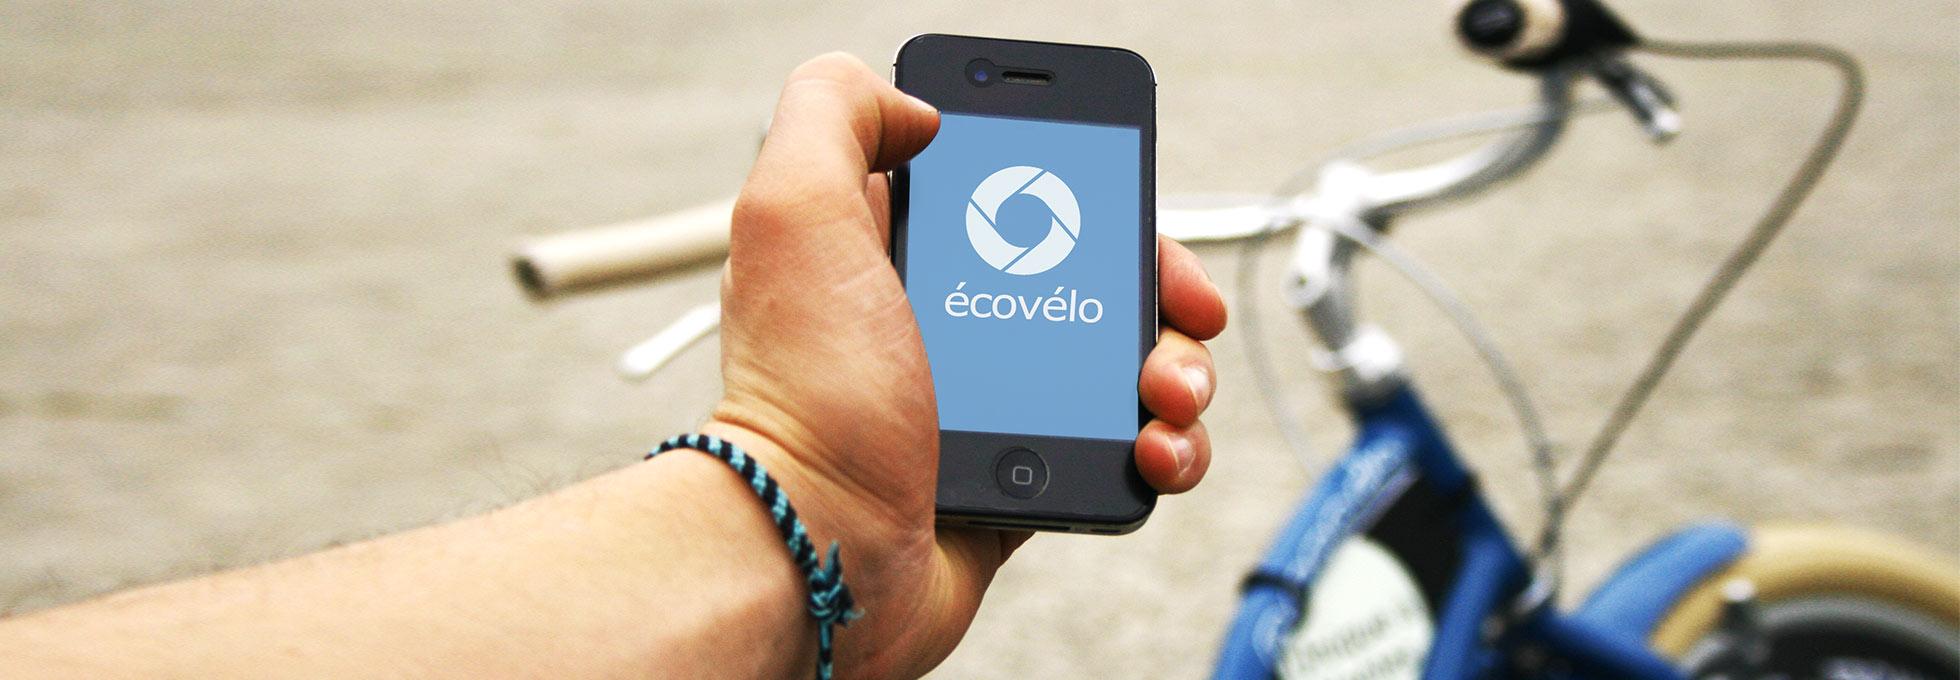 Rencontre par telephone mobile rencontre salon de provence coquine rencontre gratuit